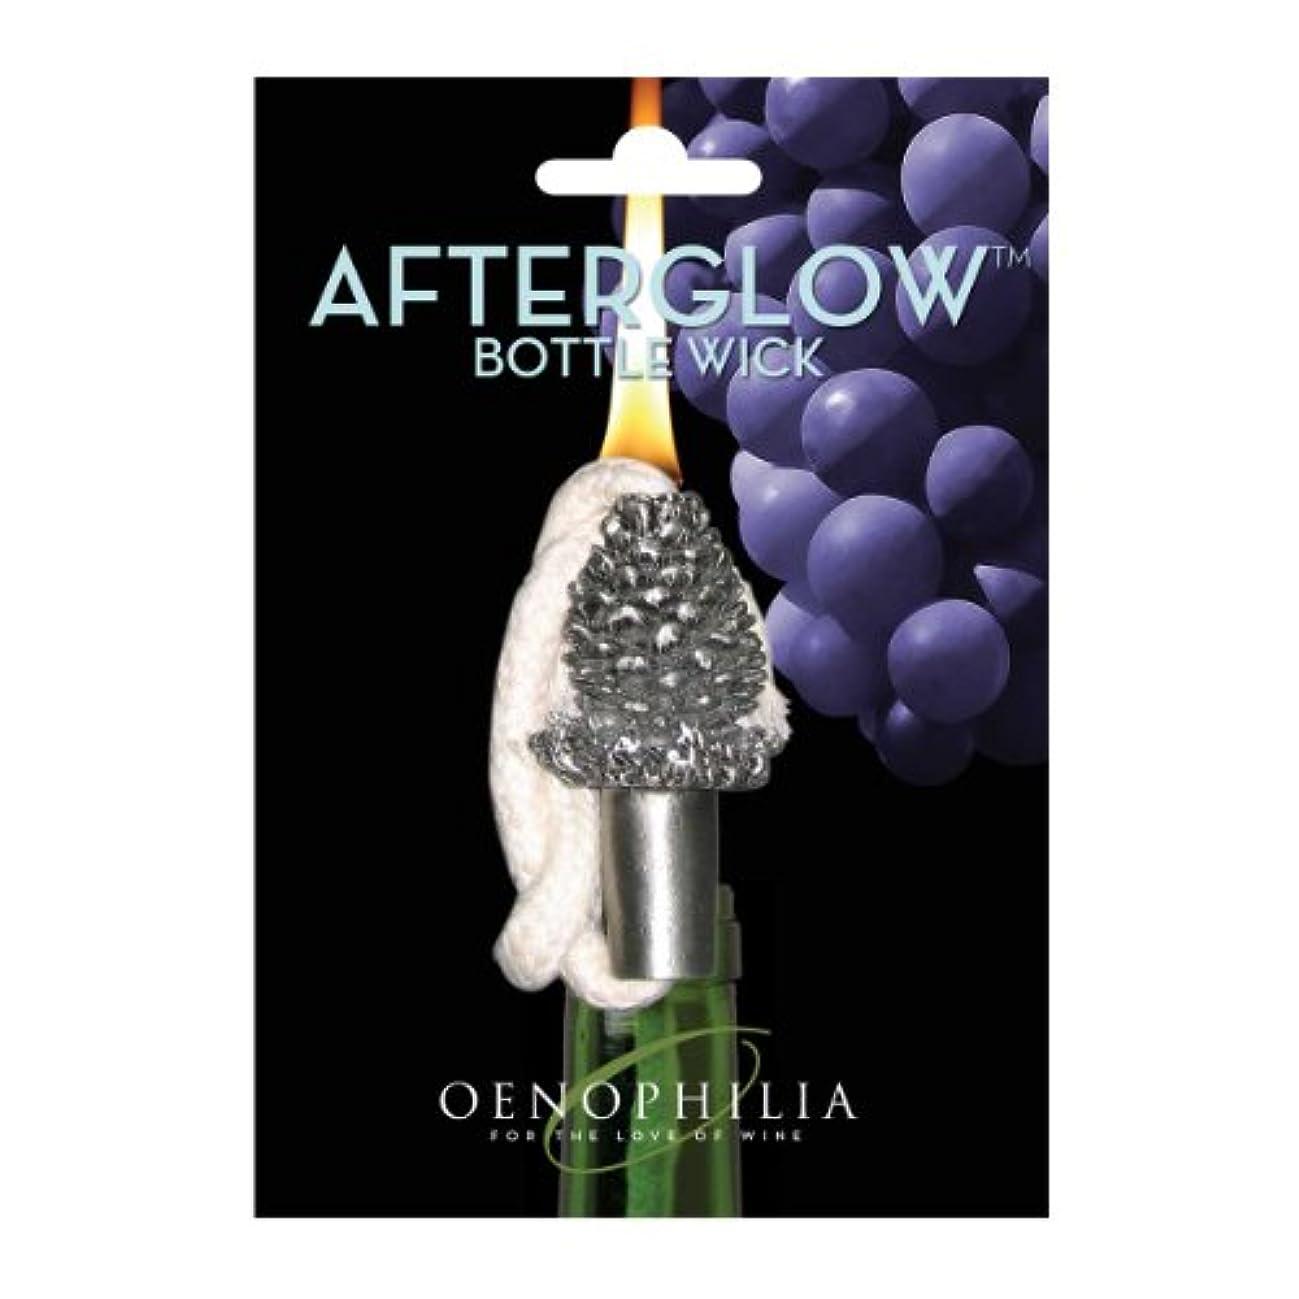 国ページェントアルネOenophilia Afterglow Bottle Wick - Pinecone by Oenophilia [並行輸入品]